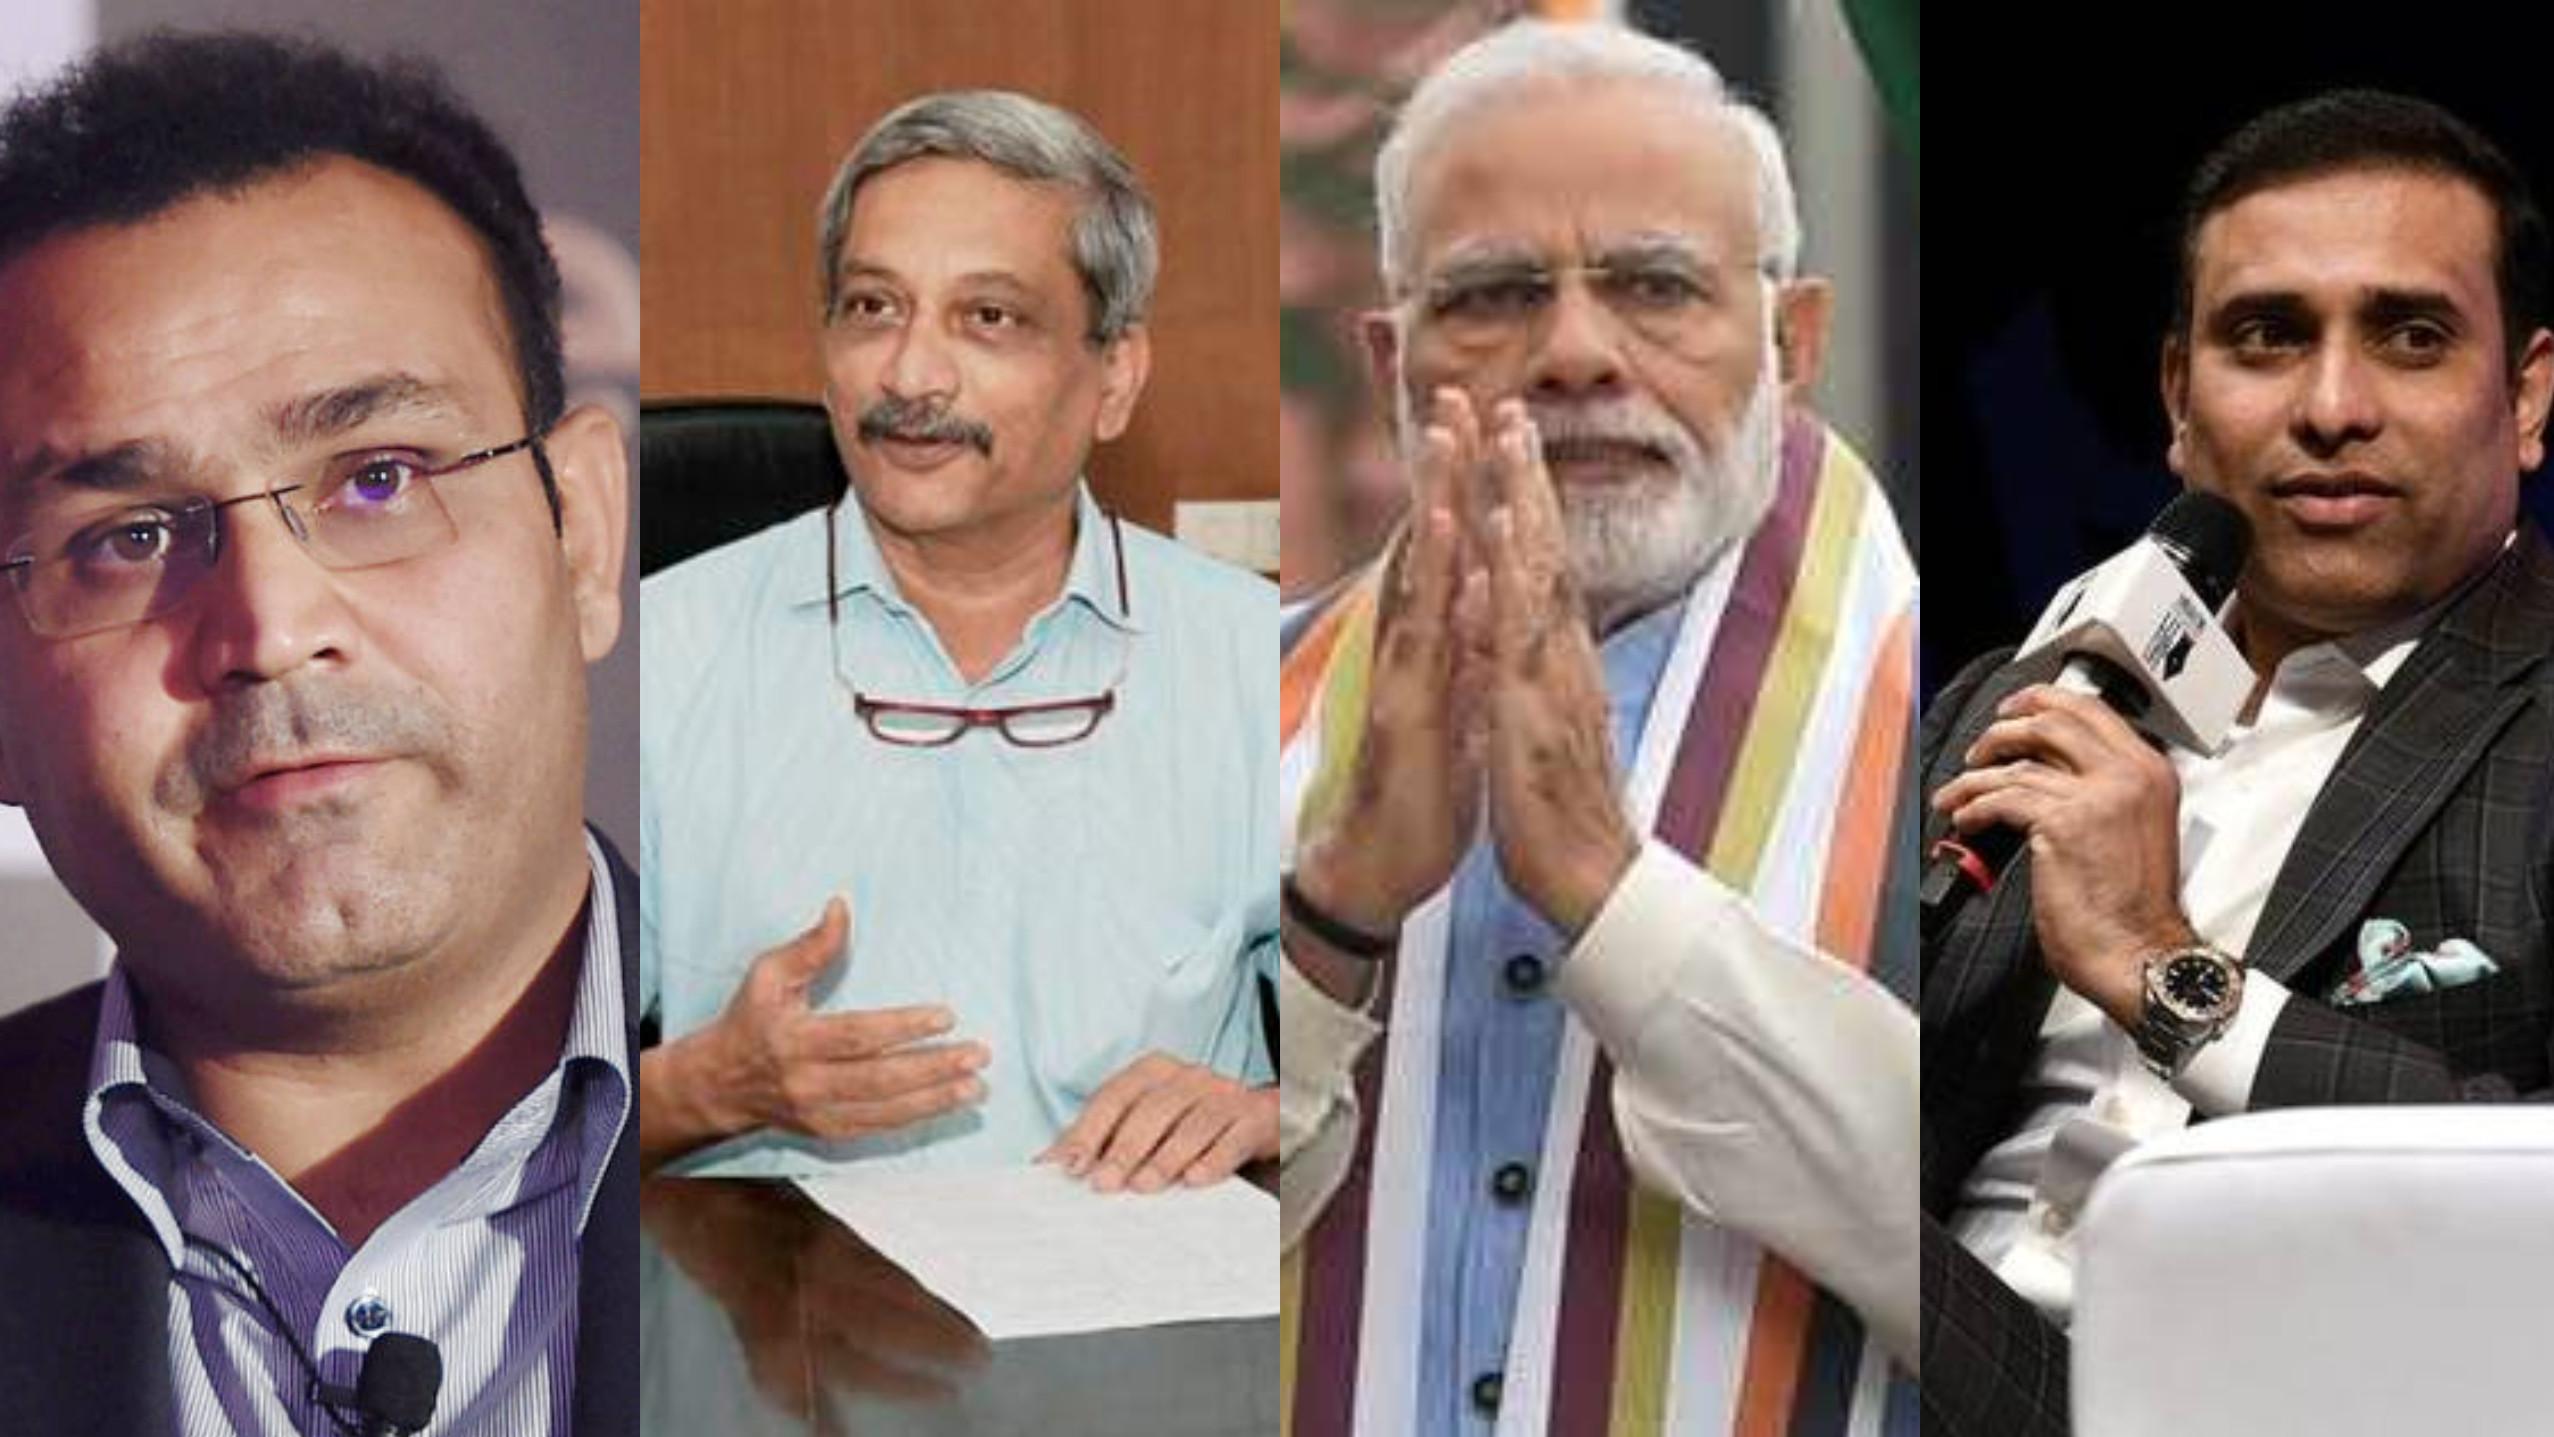 गोवा के मुख्यमंत्री मनोहर पर्रिकर के निधन पर वीरेंद्र सहवाग और वीवीएस लक्ष्मण ने शोक जताया